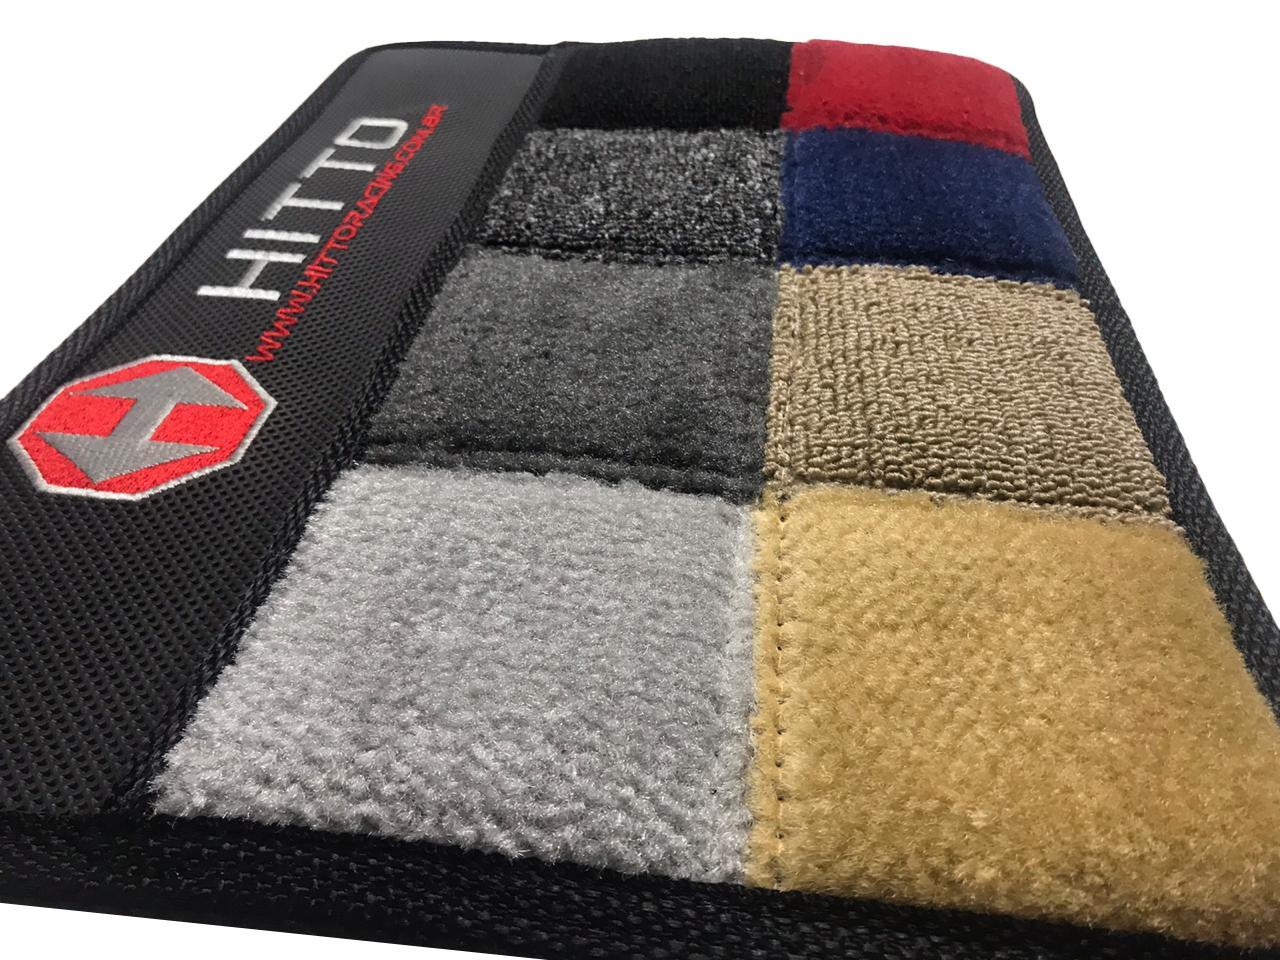 Tapete Vw Spacefox Carpete Premium Hitto Base Borracha Pinada